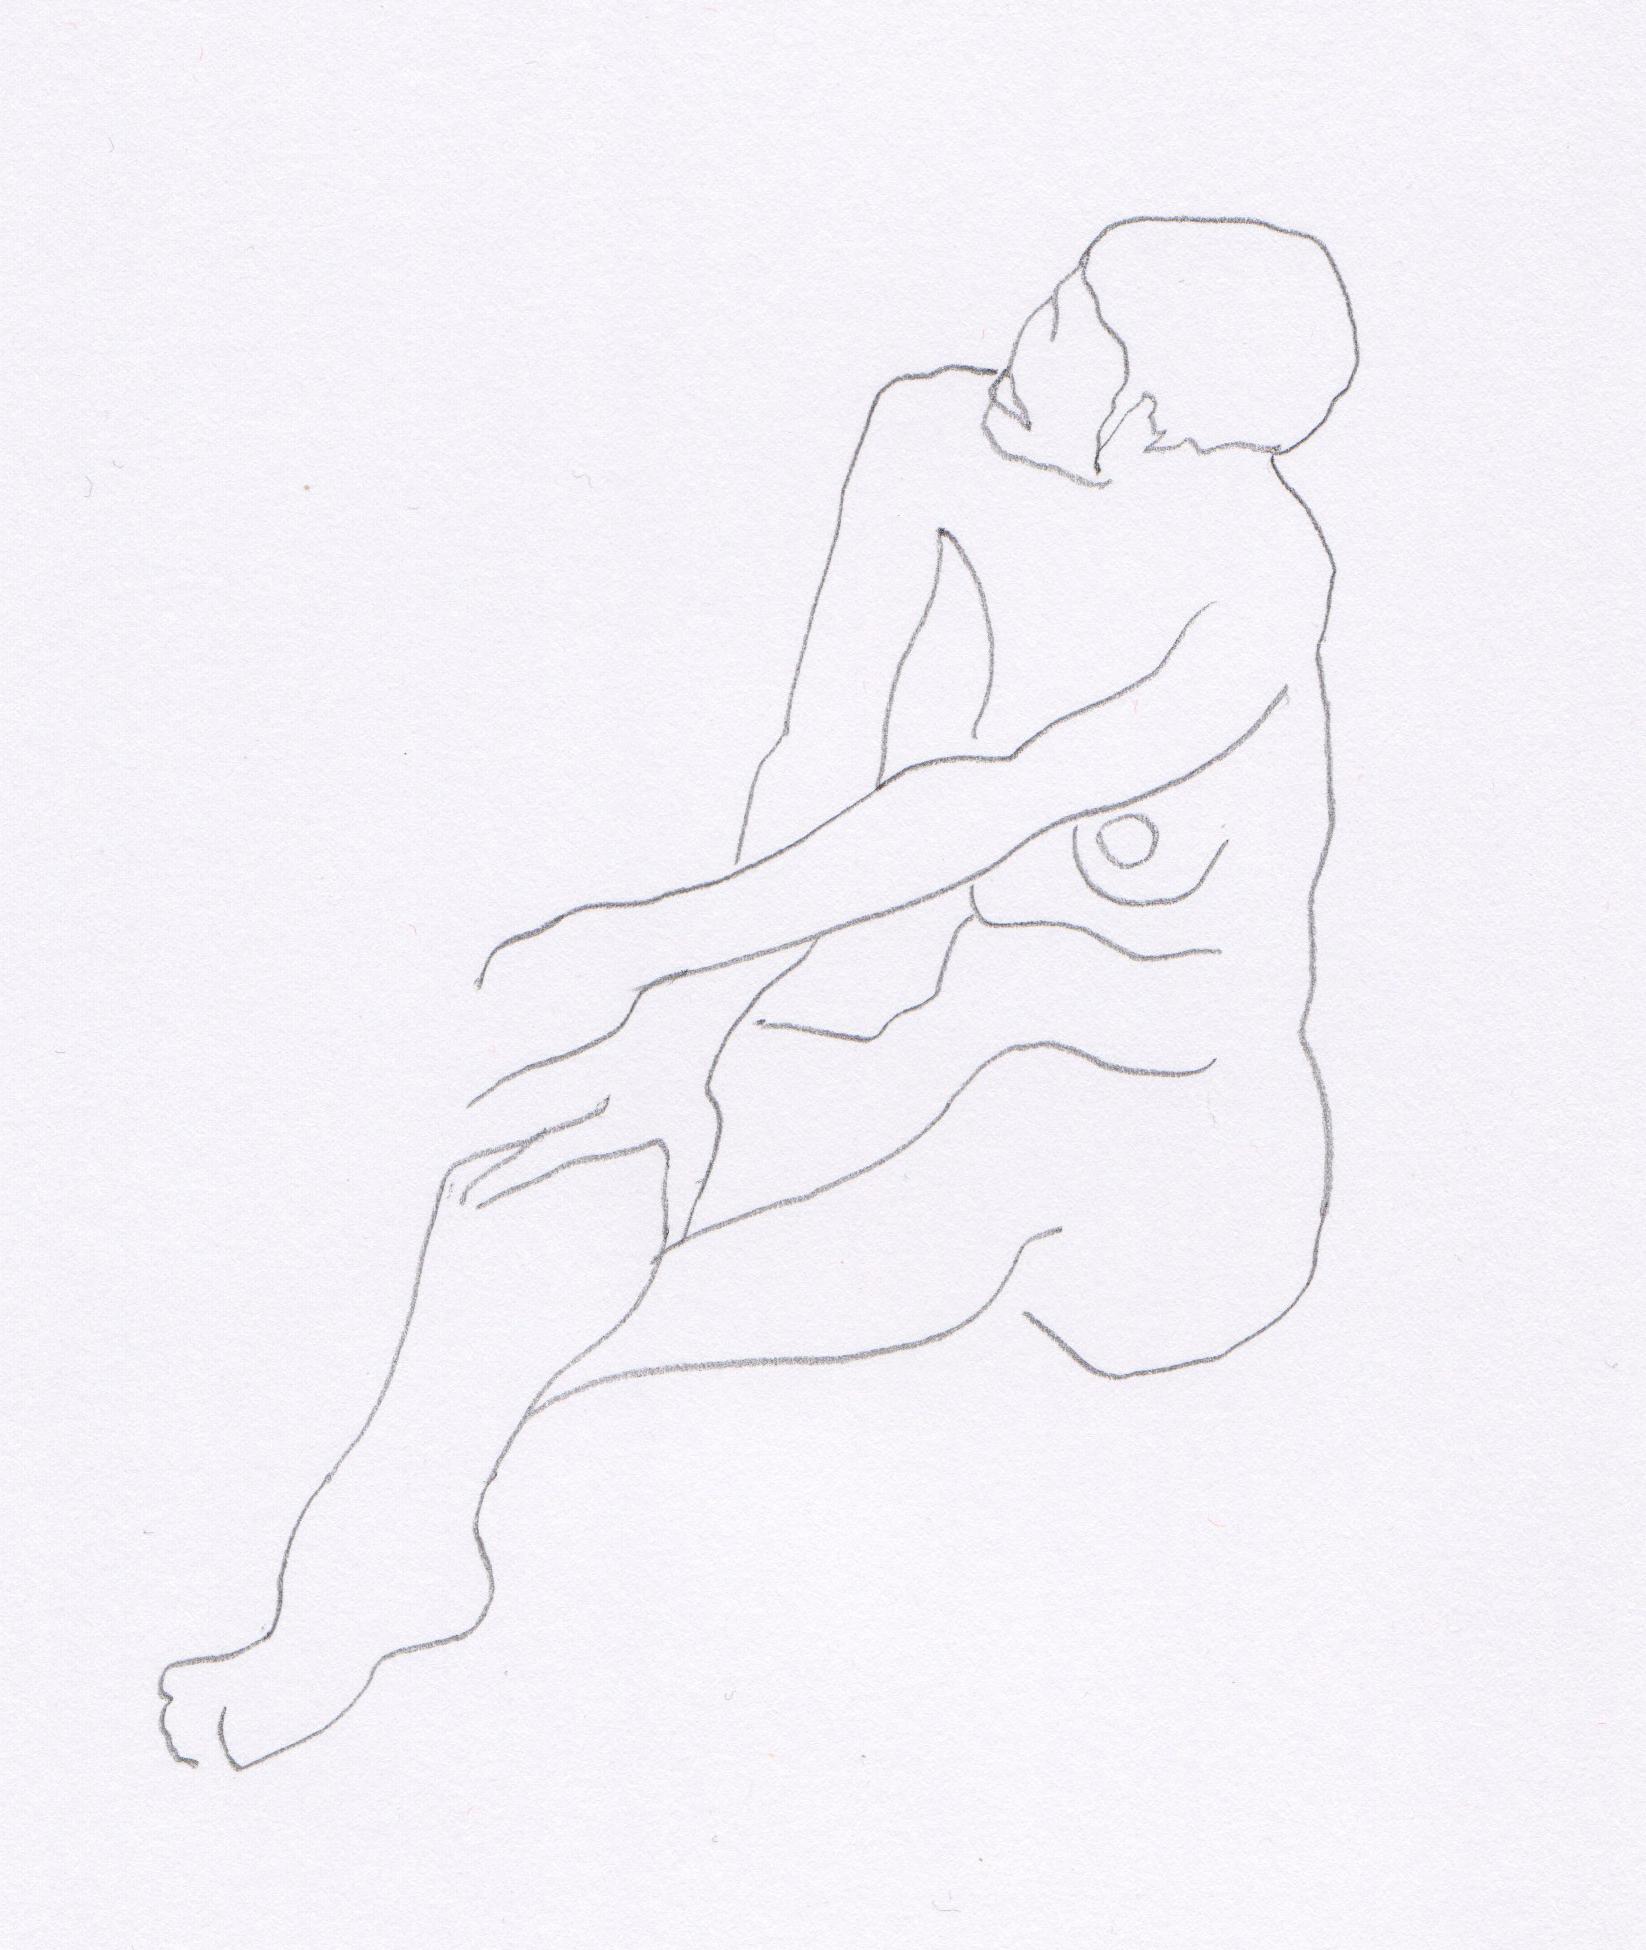 2012_Sketch_F-Beudin_Alice_01